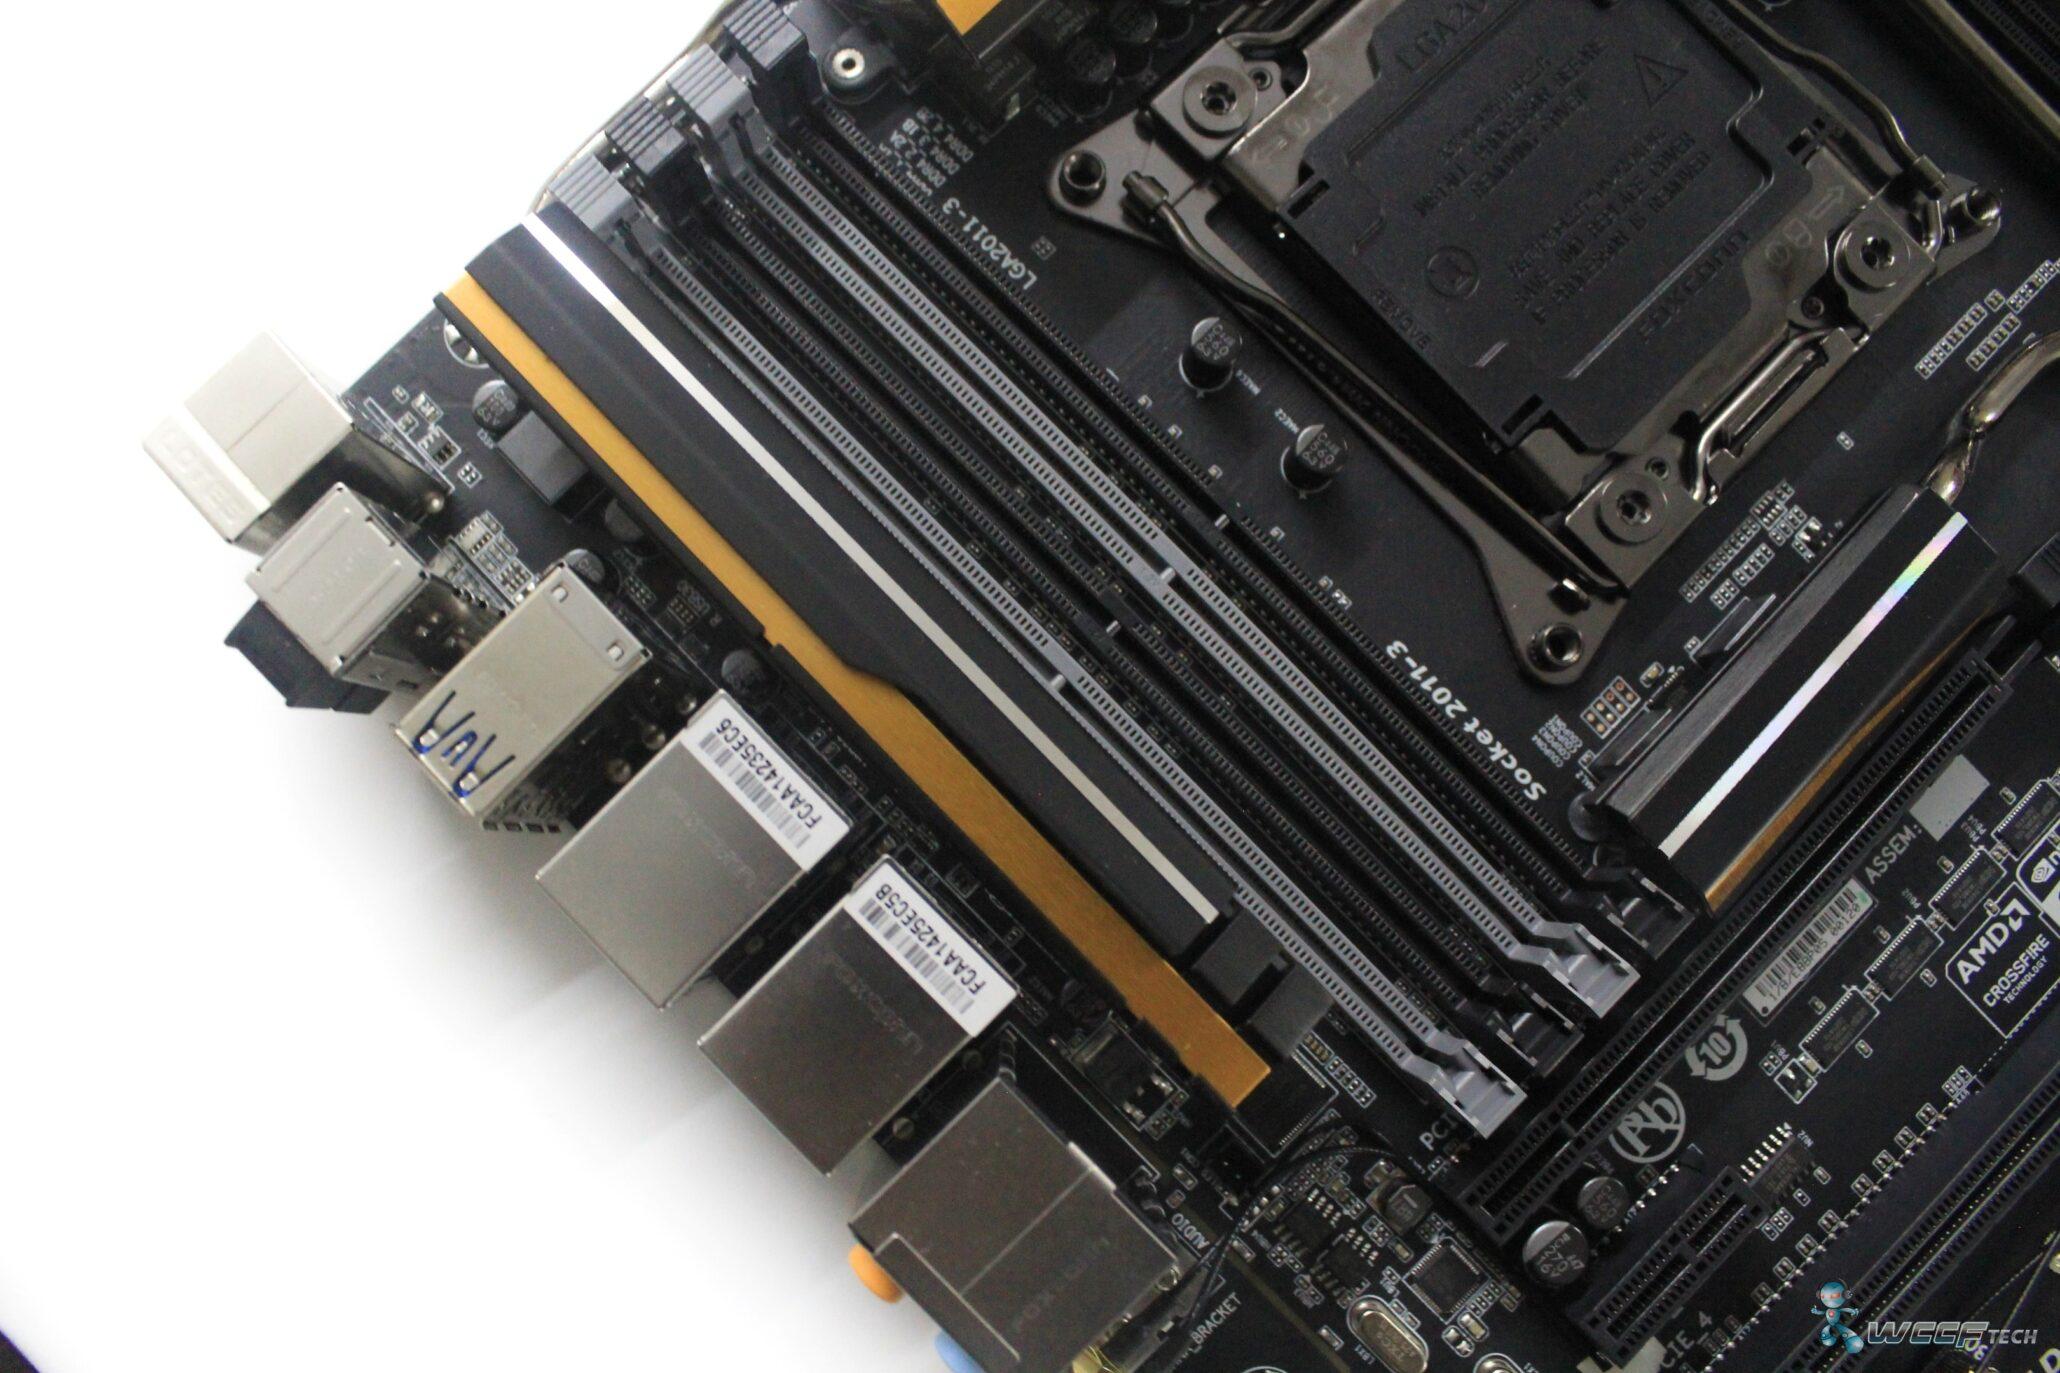 gigabyte-x99-ud7-wifi_ddr4-slots-4